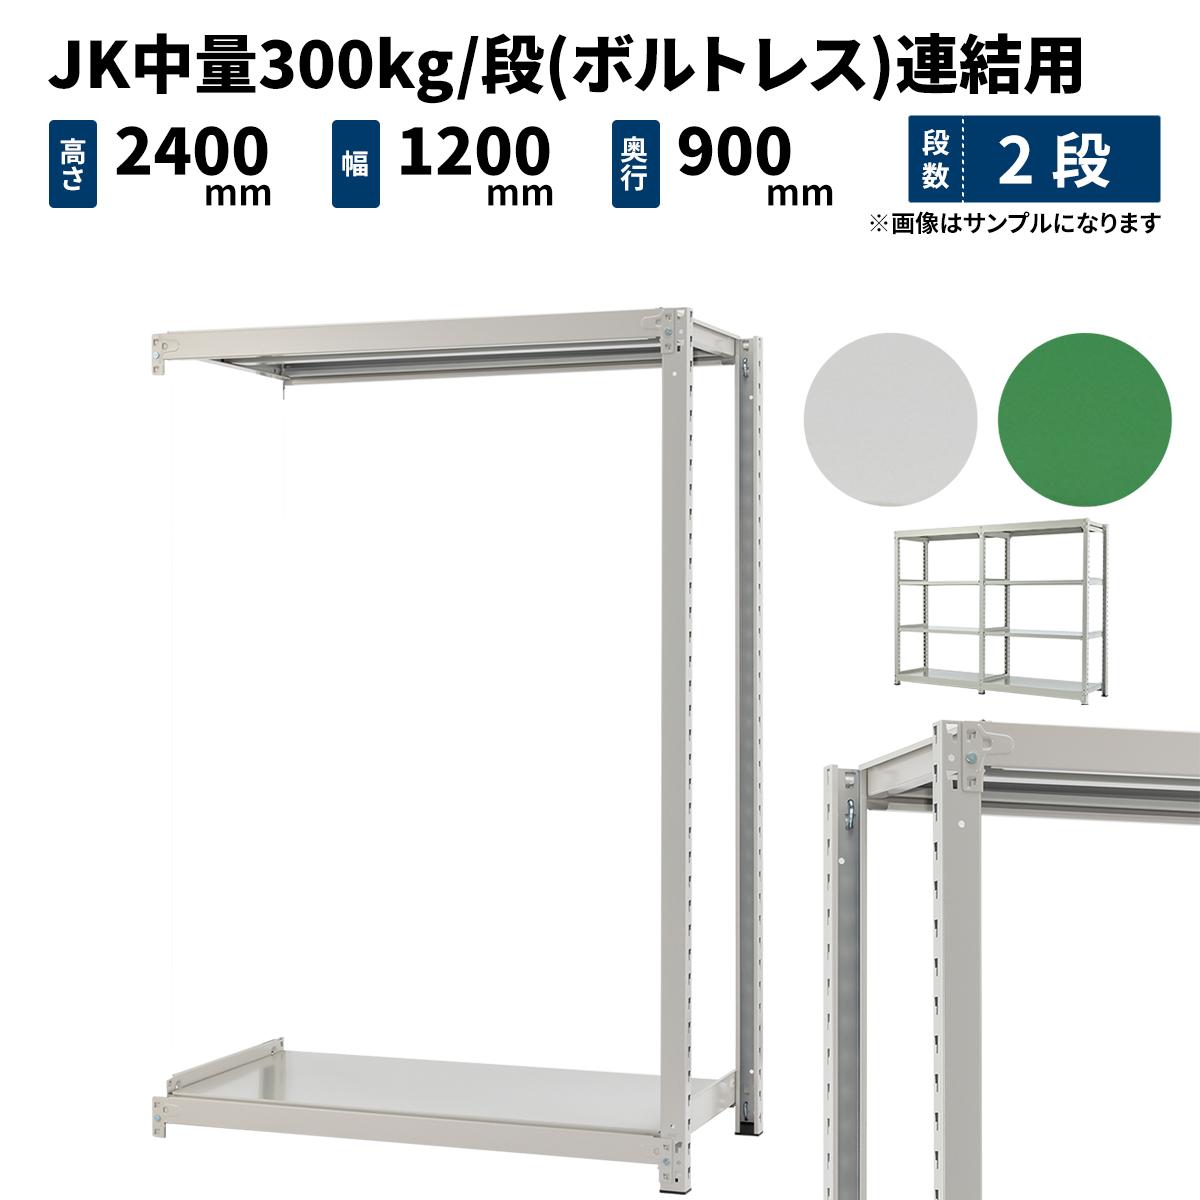 スチールラック 業務用 JK中量300kg/段(ボルトレス) 連結形式 高さ2400×幅1200×奥行900mm 2段 ホワイトグレー/グリーン (48kg) JK300_R-241209-2